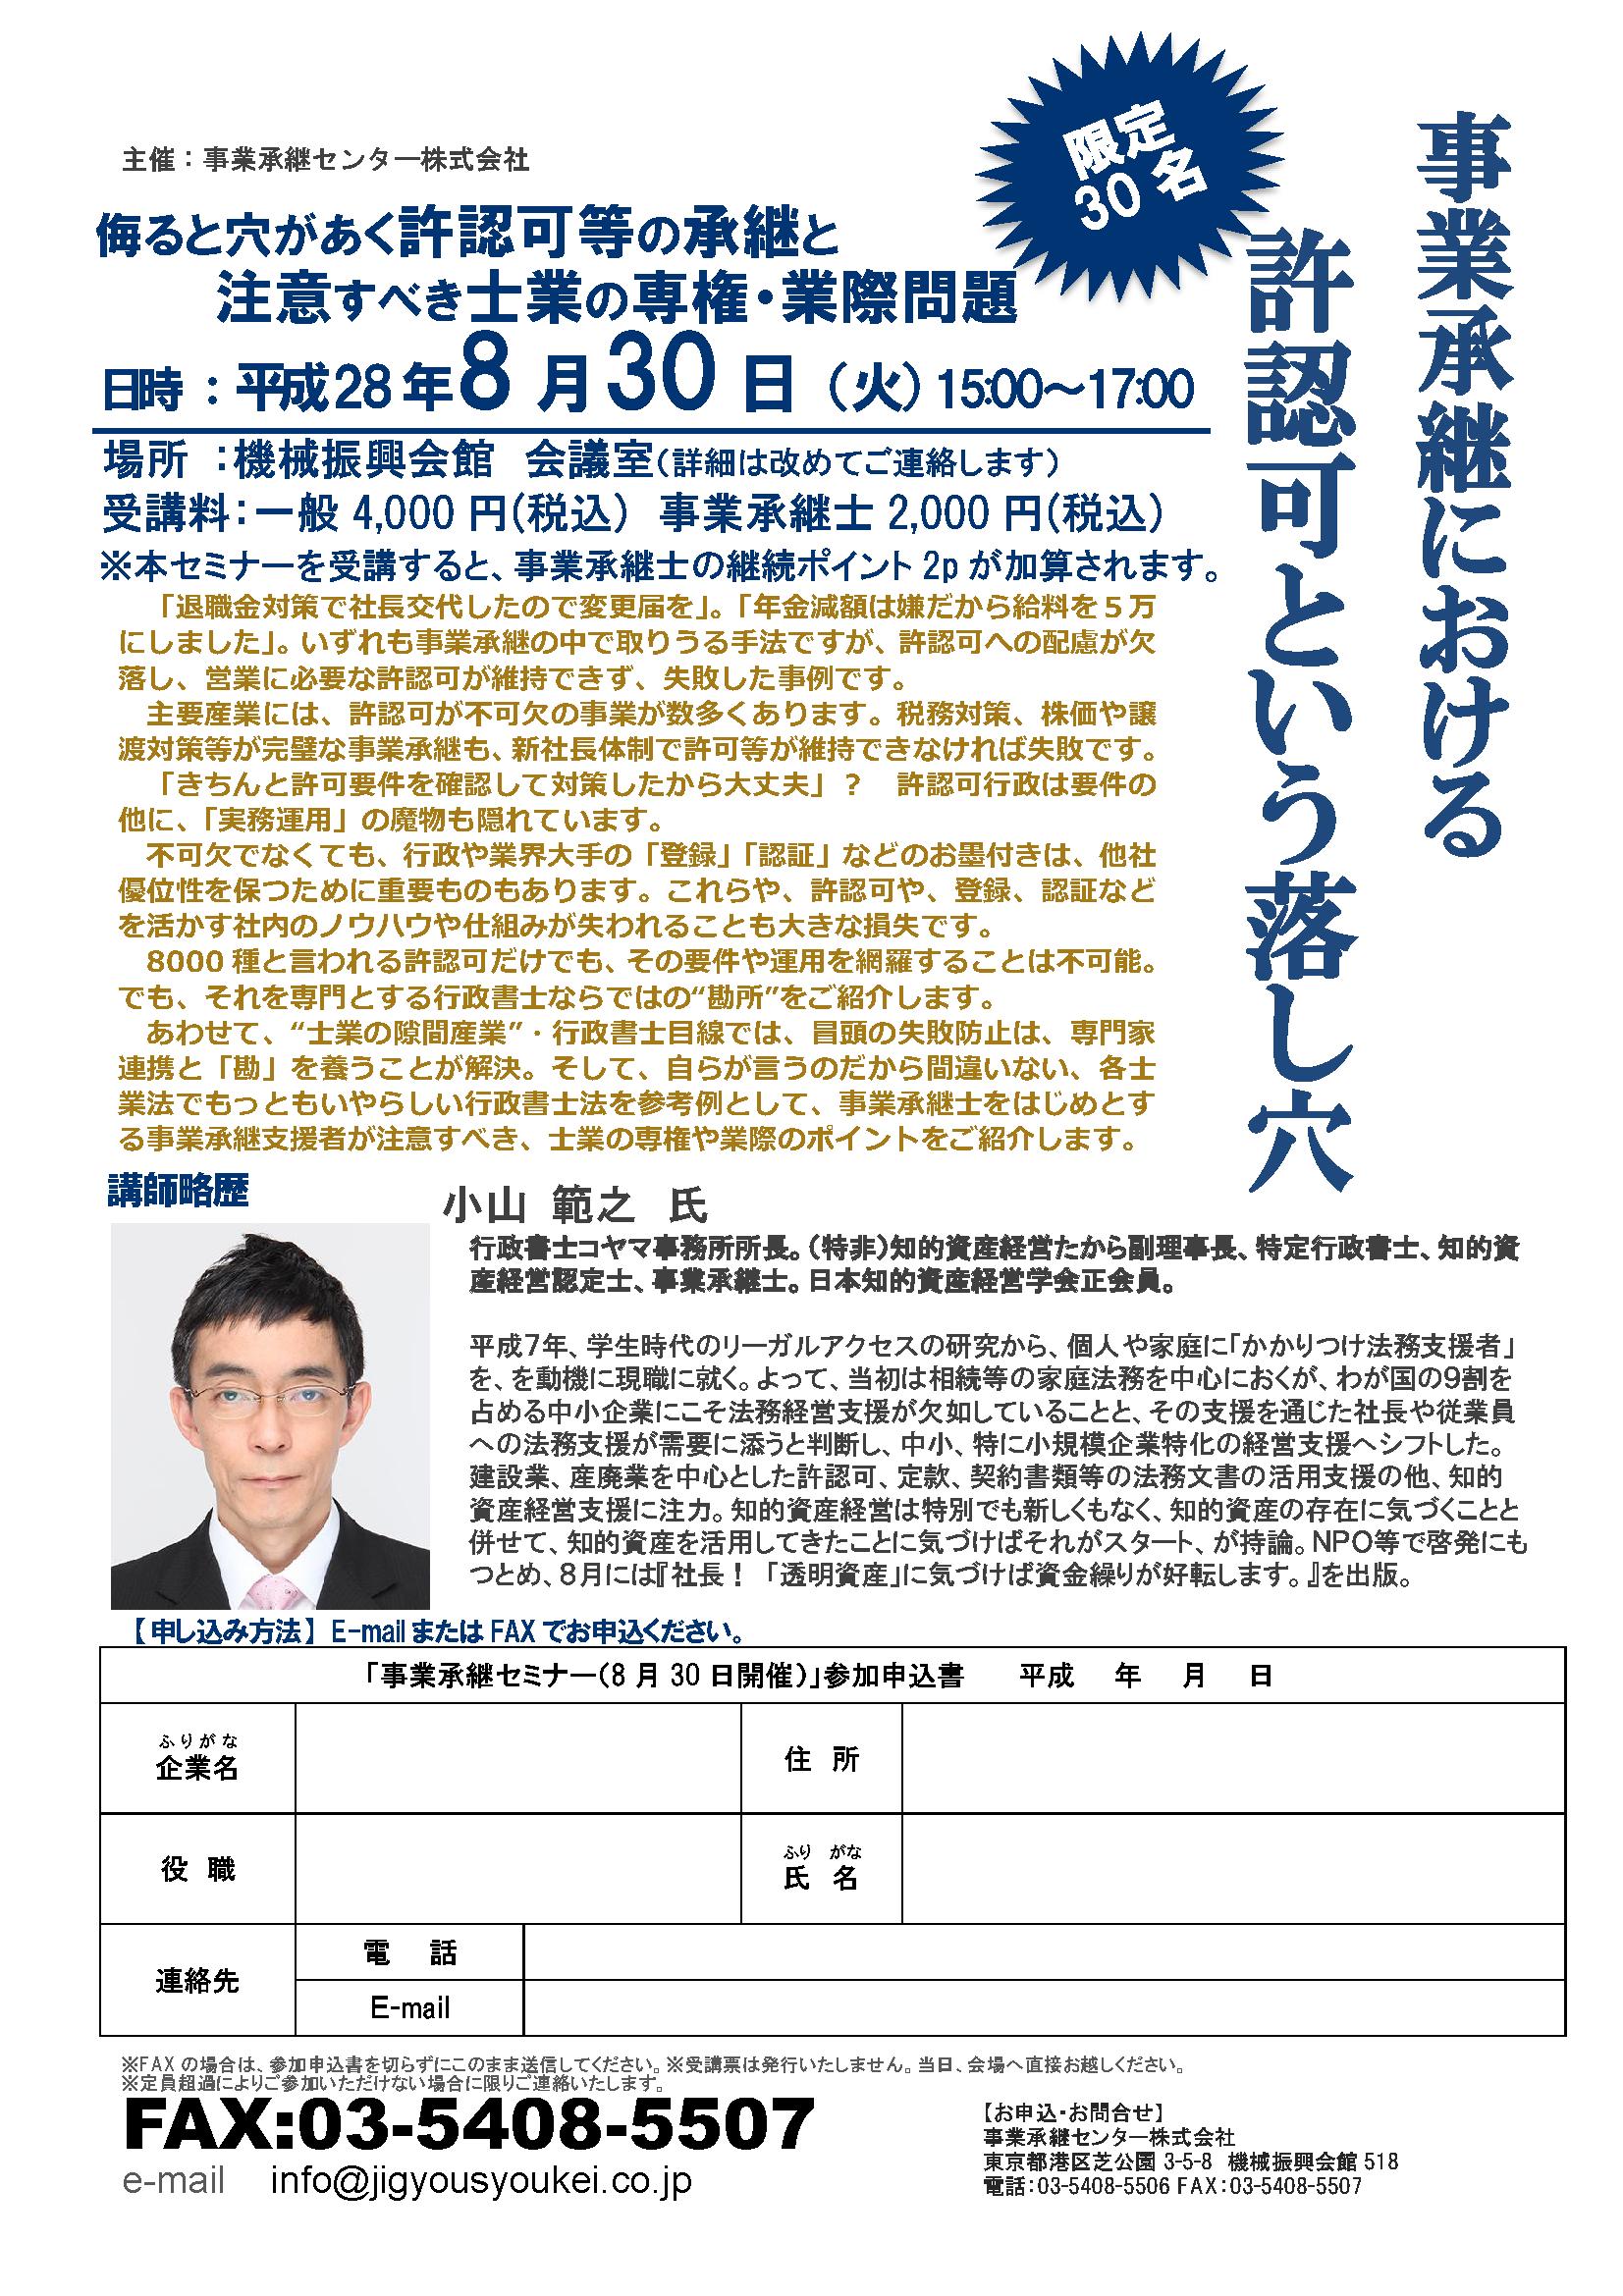 自主セミナー20160830_小山先生_事業承継における許認可という落し穴